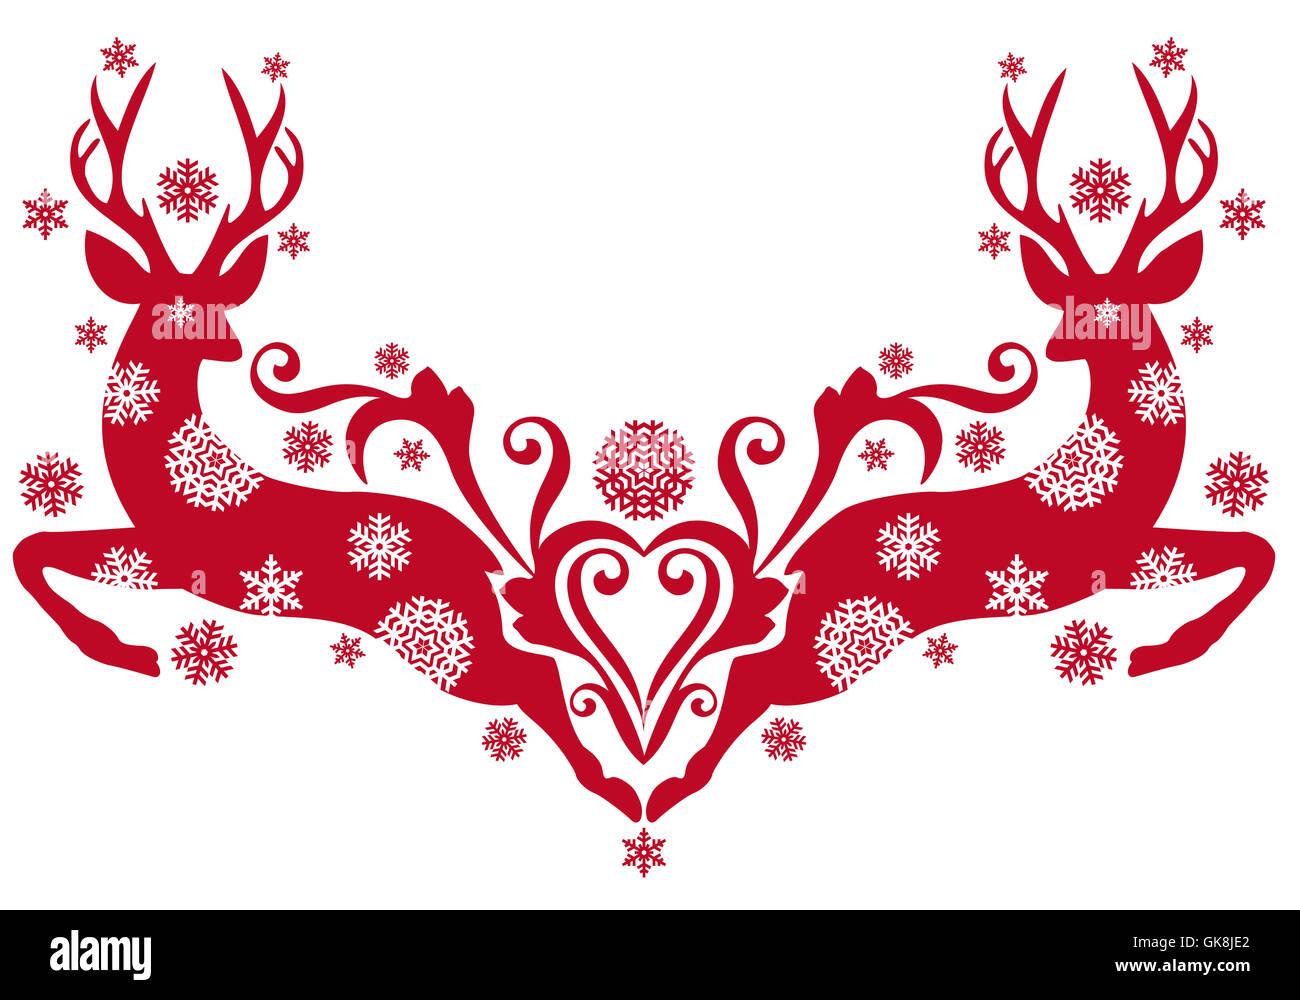 Natale cervi fiocco di neve Immagini Stock